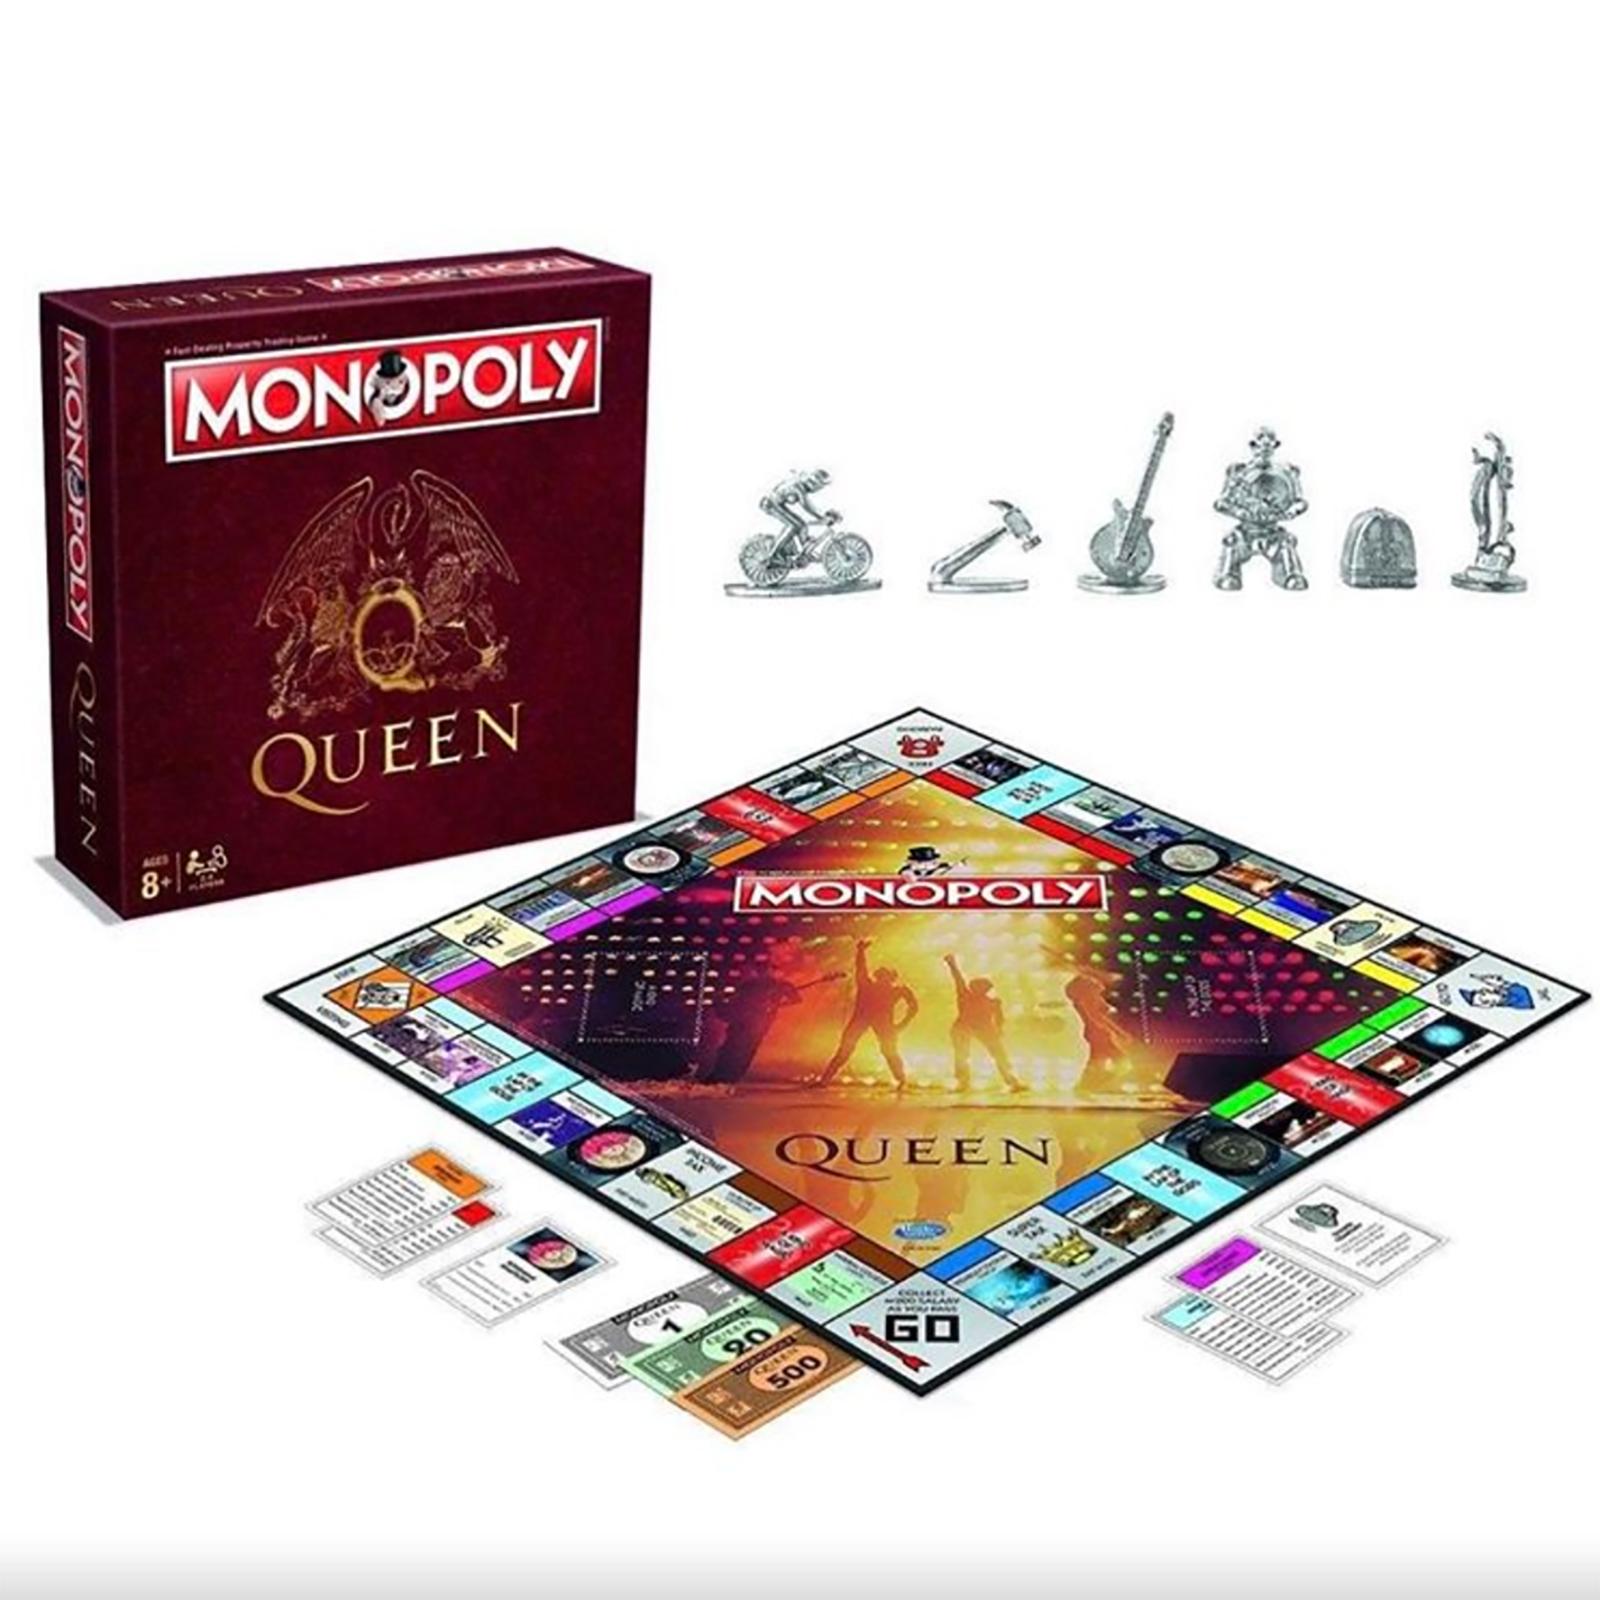 Queen Monopoly set